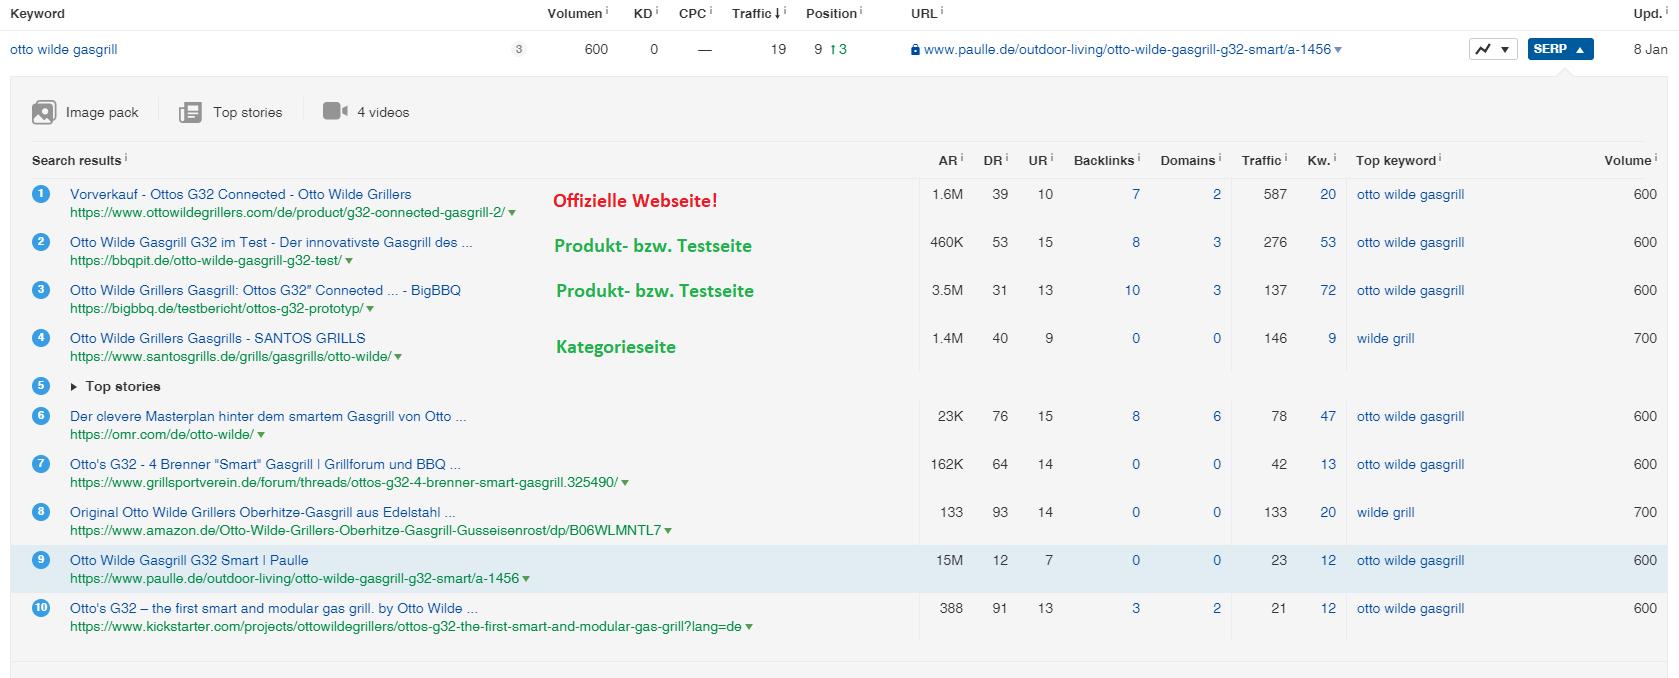 Organische Keywords Top 10 Ranking Seiten Ahrefs |